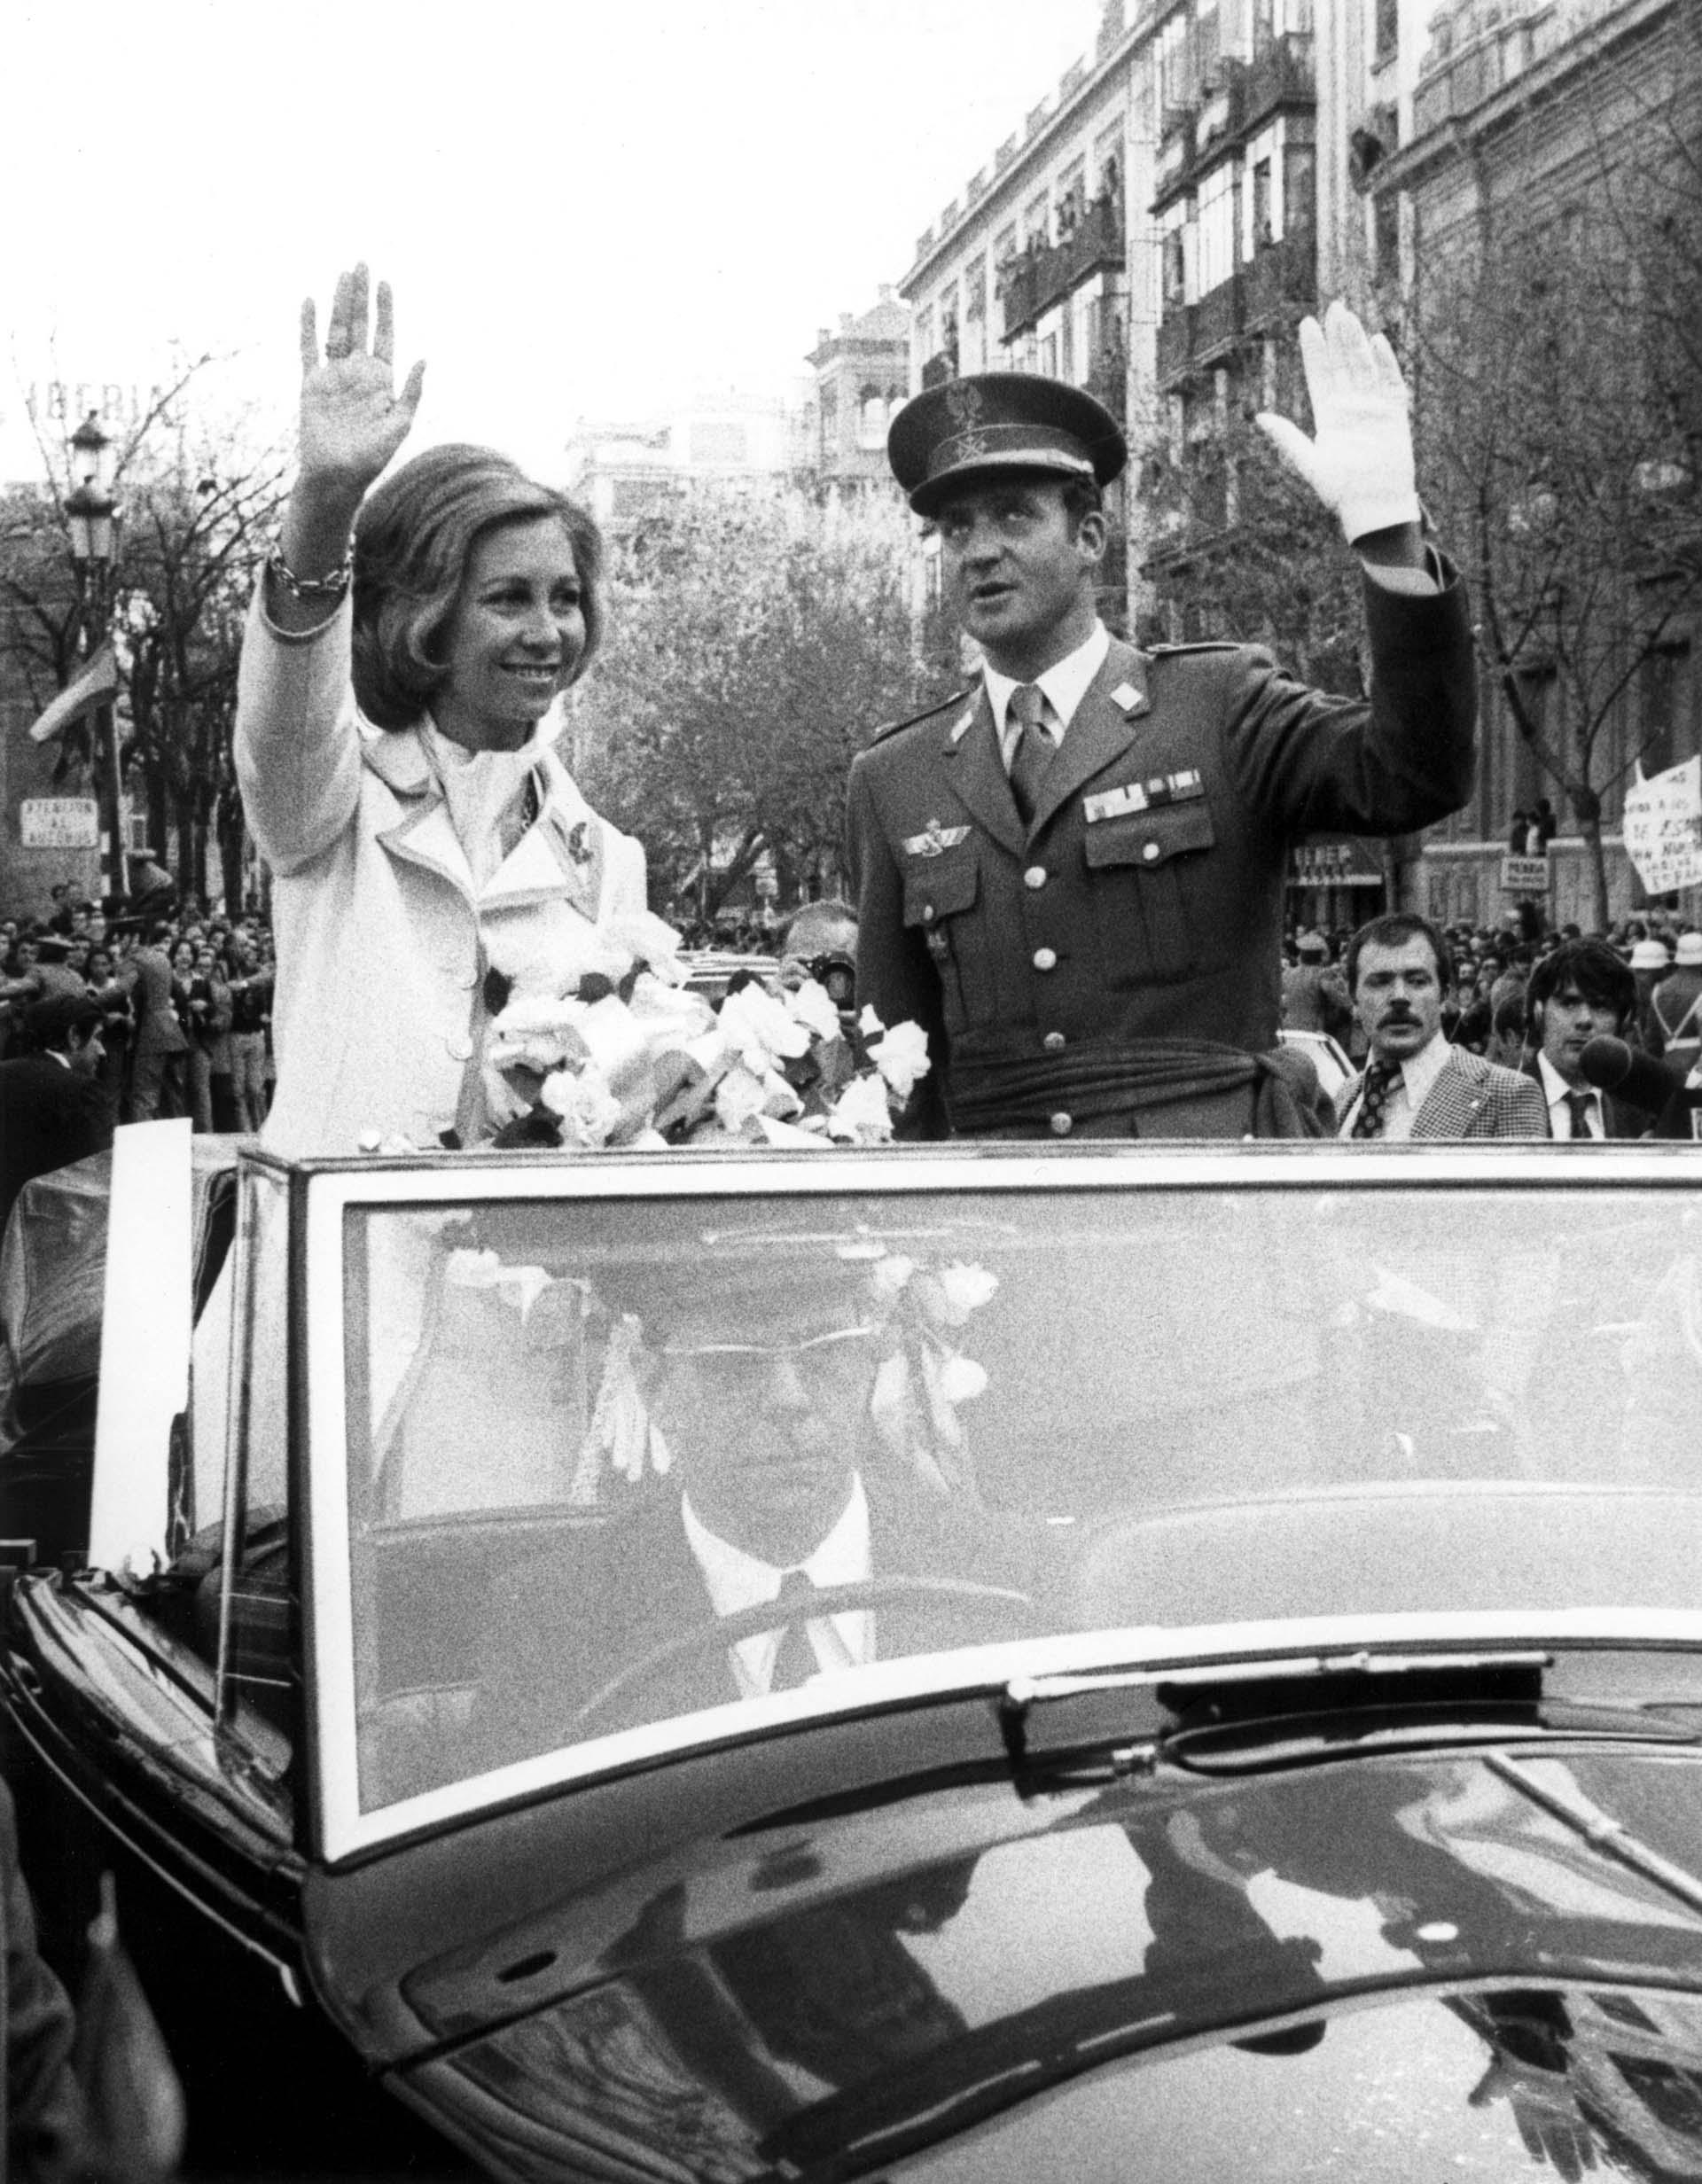 Sevilla, España. El rey de Juan Carlos y la reina Sofía saludan a la multitud durante una reciente visita el 29 de marzo de 1976 a esa ciudad (Shutterstock)